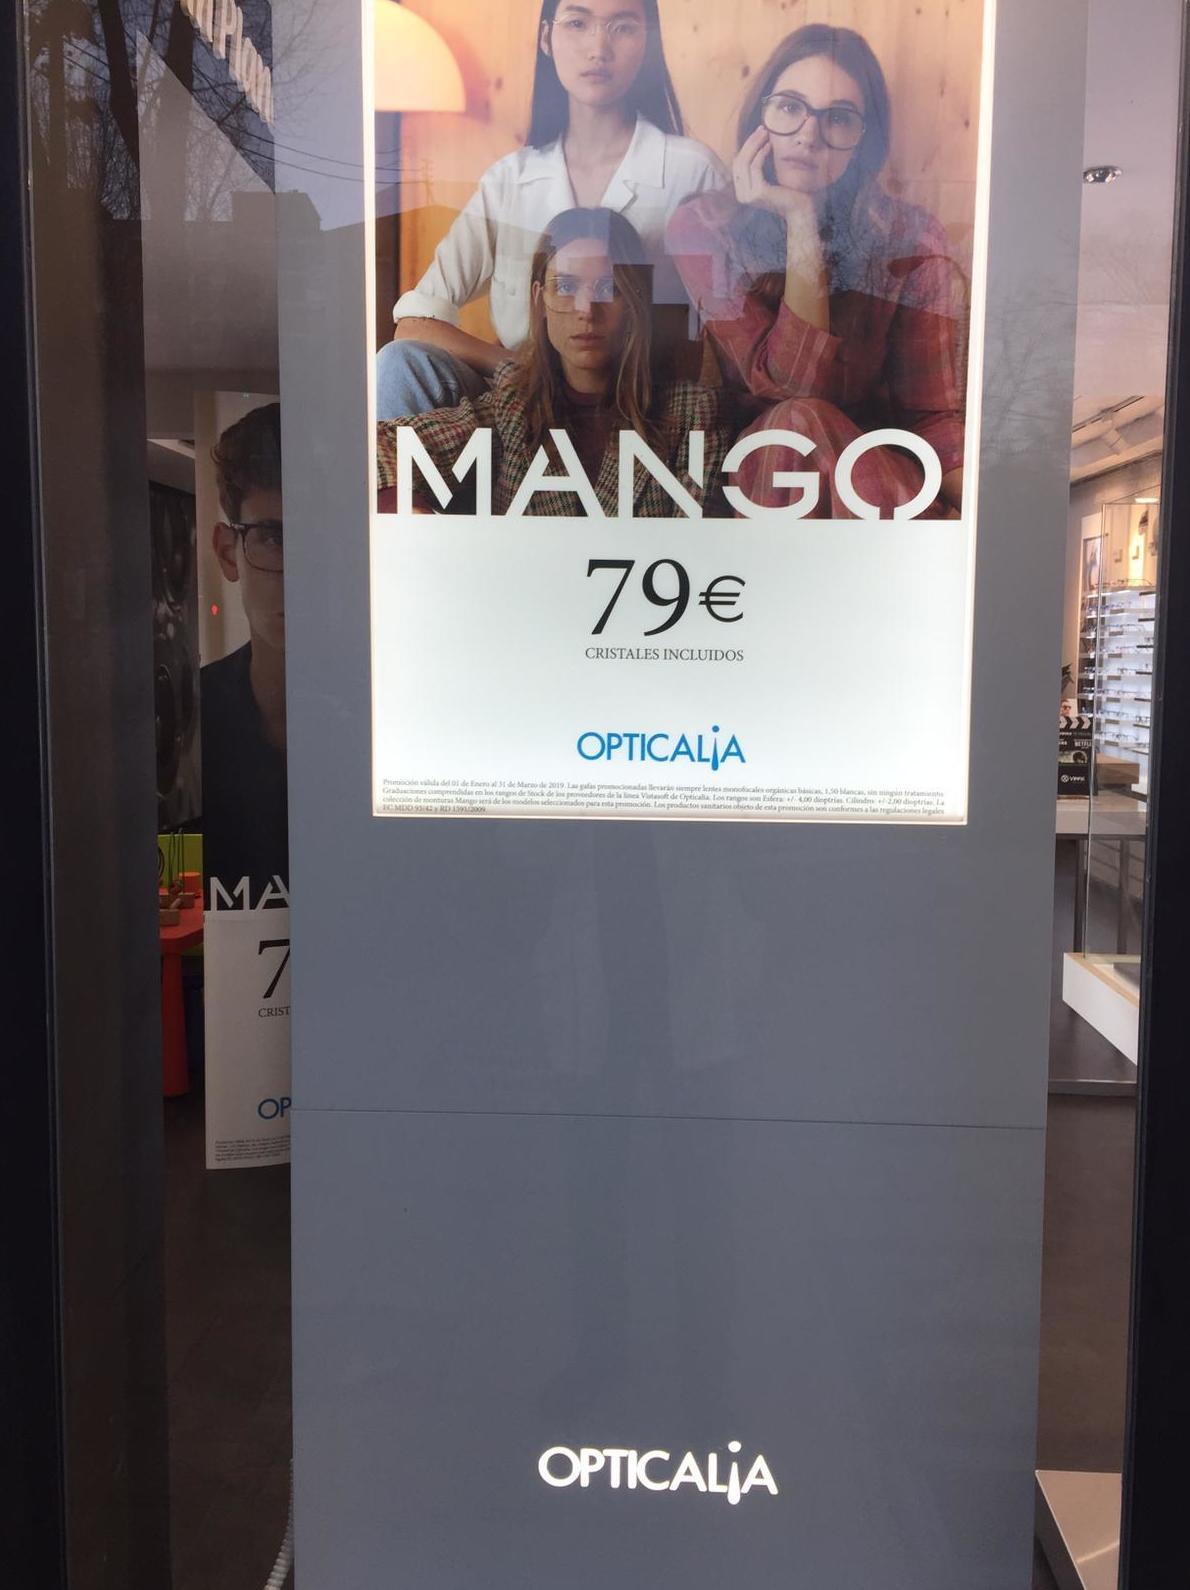 Ofertas Mango. 79€ con cristales incluídos